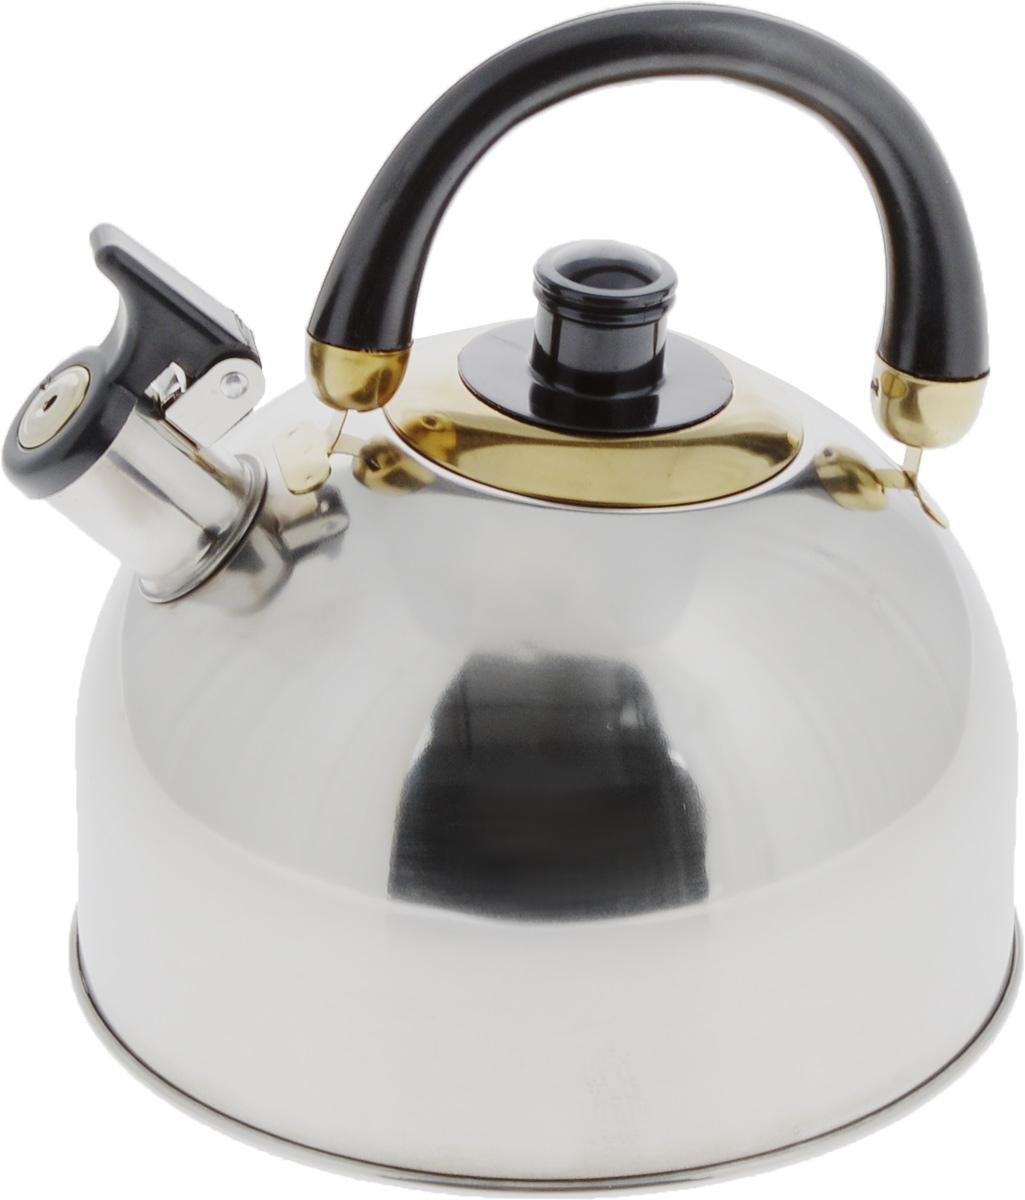 Чайник Mayer & Boch, со свистком, цвет: стальной, золотистый, черный, 3,5 л. 10691069chЧайник Mayer & Boch выполнен из высококачественной нержавеющей стали, что делает его весьма гигиеничным и устойчивым к износу при длительном использовании. Капсулированное дно с прослойкой из алюминия обеспечивает наилучшее распределение тепла. Носик чайника оснащен насадкой-свистком, что позволит вам контролировать процесс подогрева или кипячения воды. Подвижная ручка, изготовленная из бакелита, делает использование чайника очень удобным и безопасным. Поверхность гладкая, что облегчает уход за ним. Эстетичный и функциональный, с эксклюзивным дизайном, чайник будет оригинально смотреться в любом интерьере. Подходит для газовых, электрических, стеклокерамических и галогеновых плит. Не подходит для индукционных плит. Можно мыть в посудомоечной машине. Высота чайника (без учета ручки и крышки): 13 см. Высота чайника (с учетом ручки и крышки): 21,5 см. Диаметр чайника (по верхнему краю): 8,5 см.